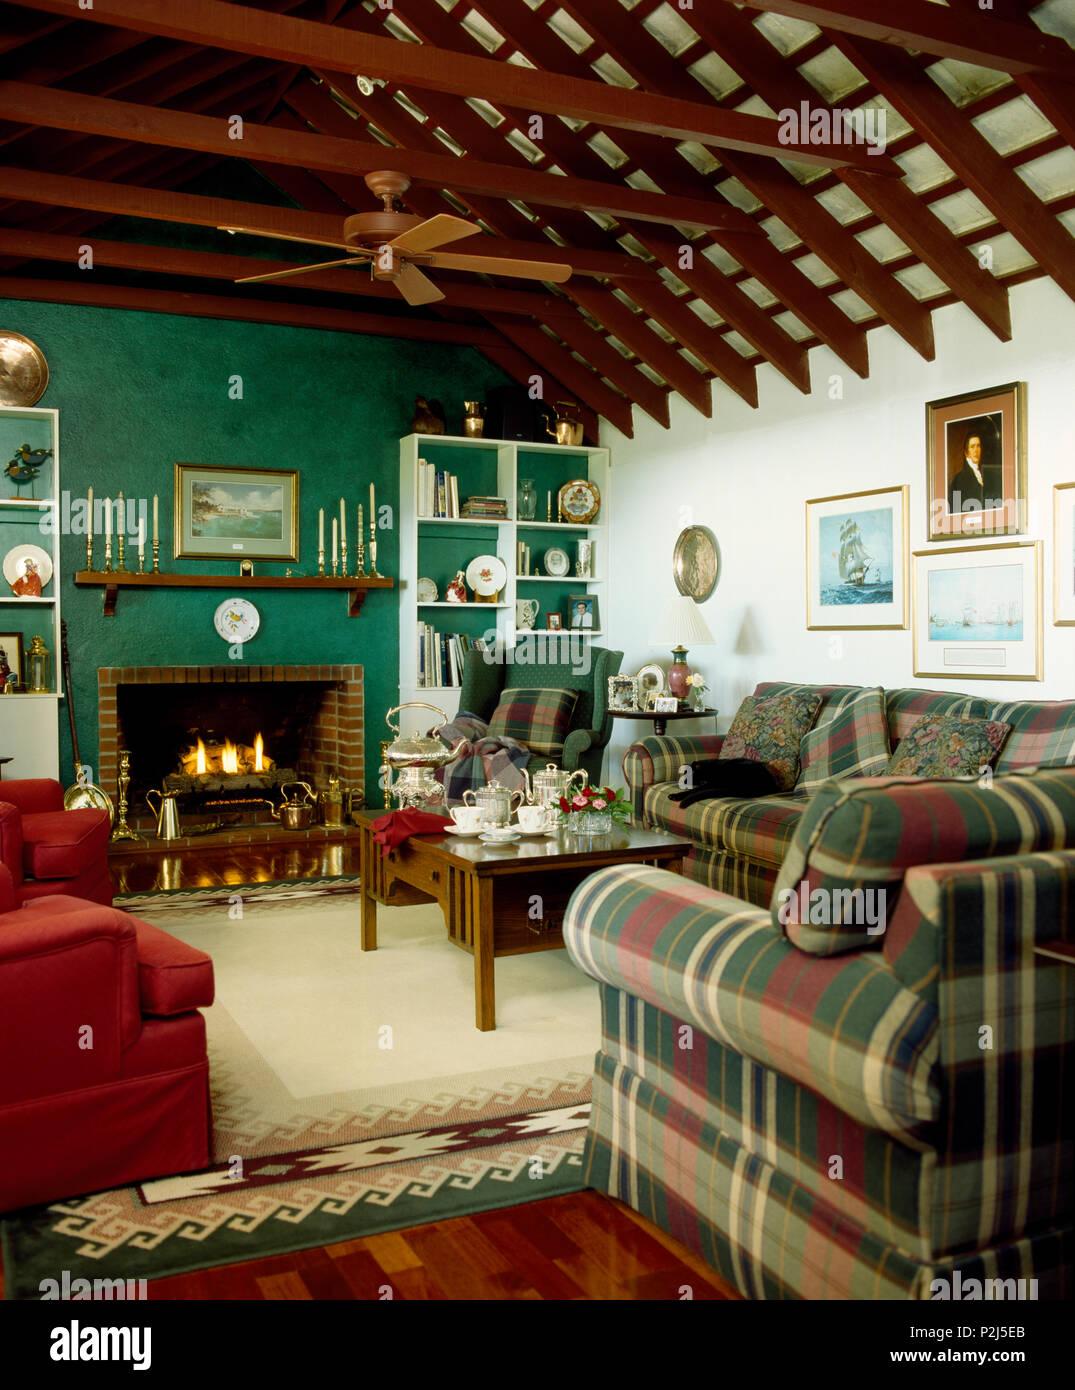 Wunderbar Rot + Grün Gemusterten Sofas Im Grünen Wohnzimmer Mit Ventilator An Der  Decke Mit Freiliegenden Dachbalken